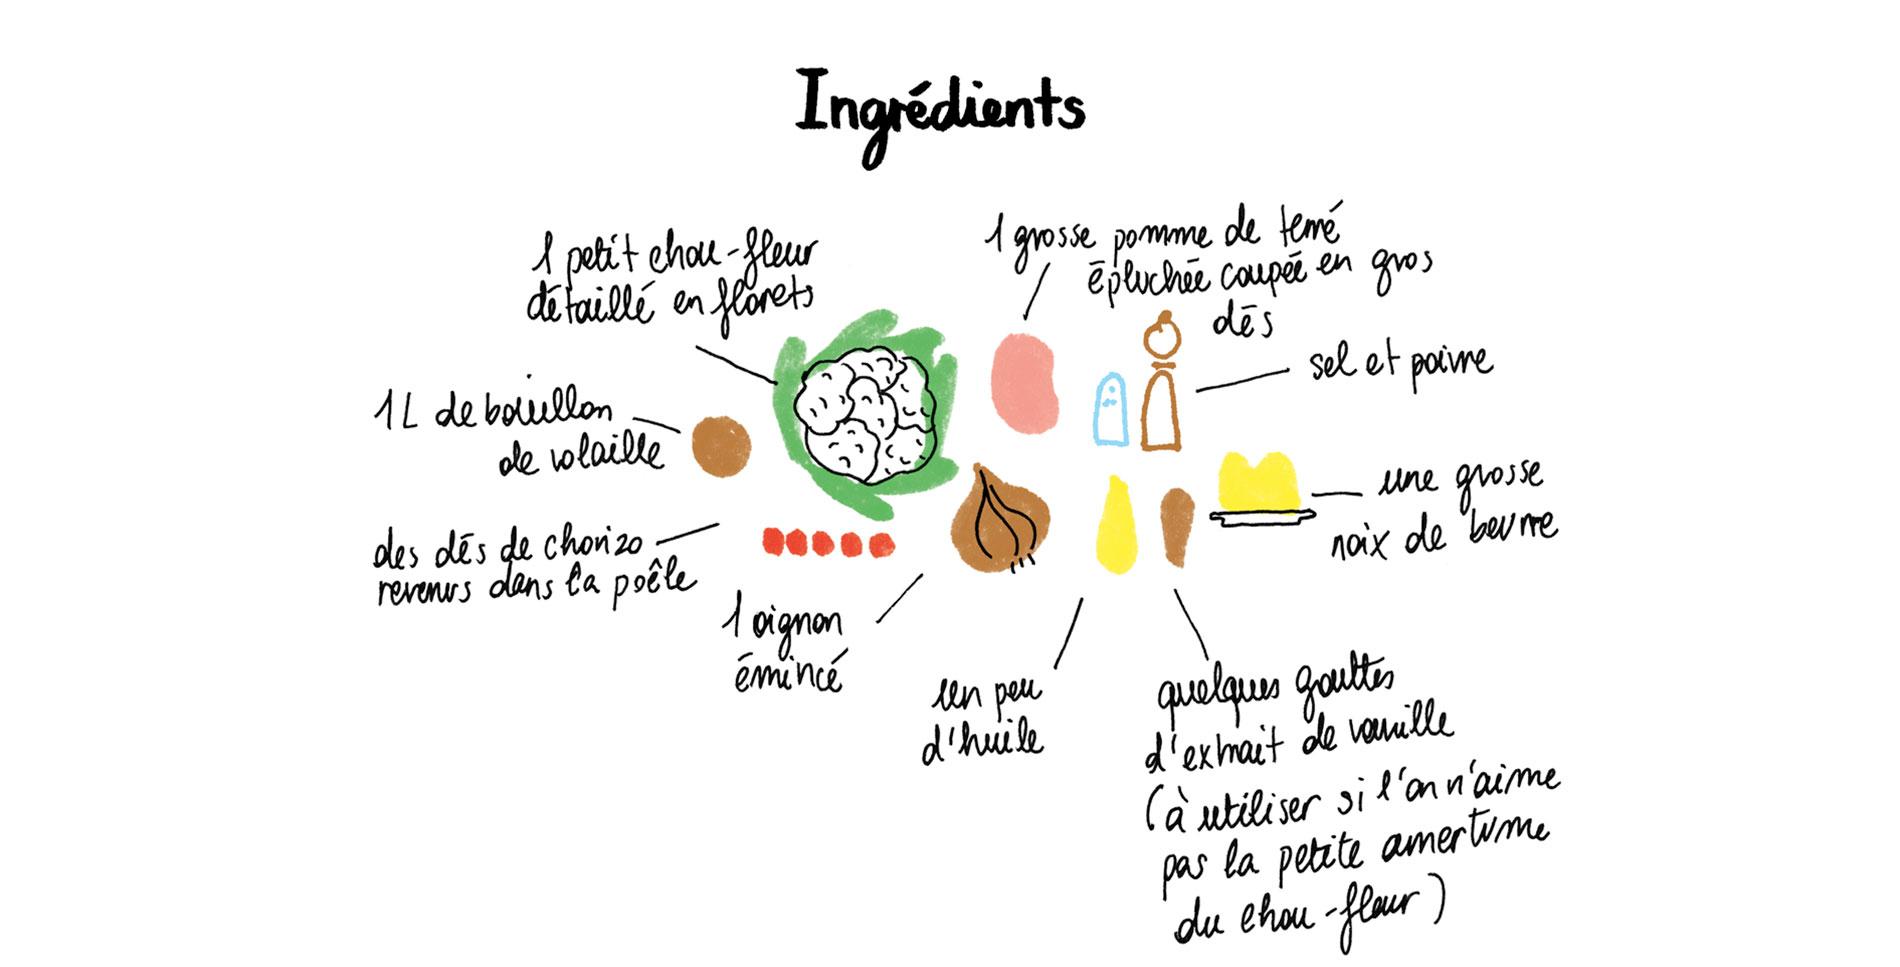 soupe chou fleur, recette, ingrédients, illustration